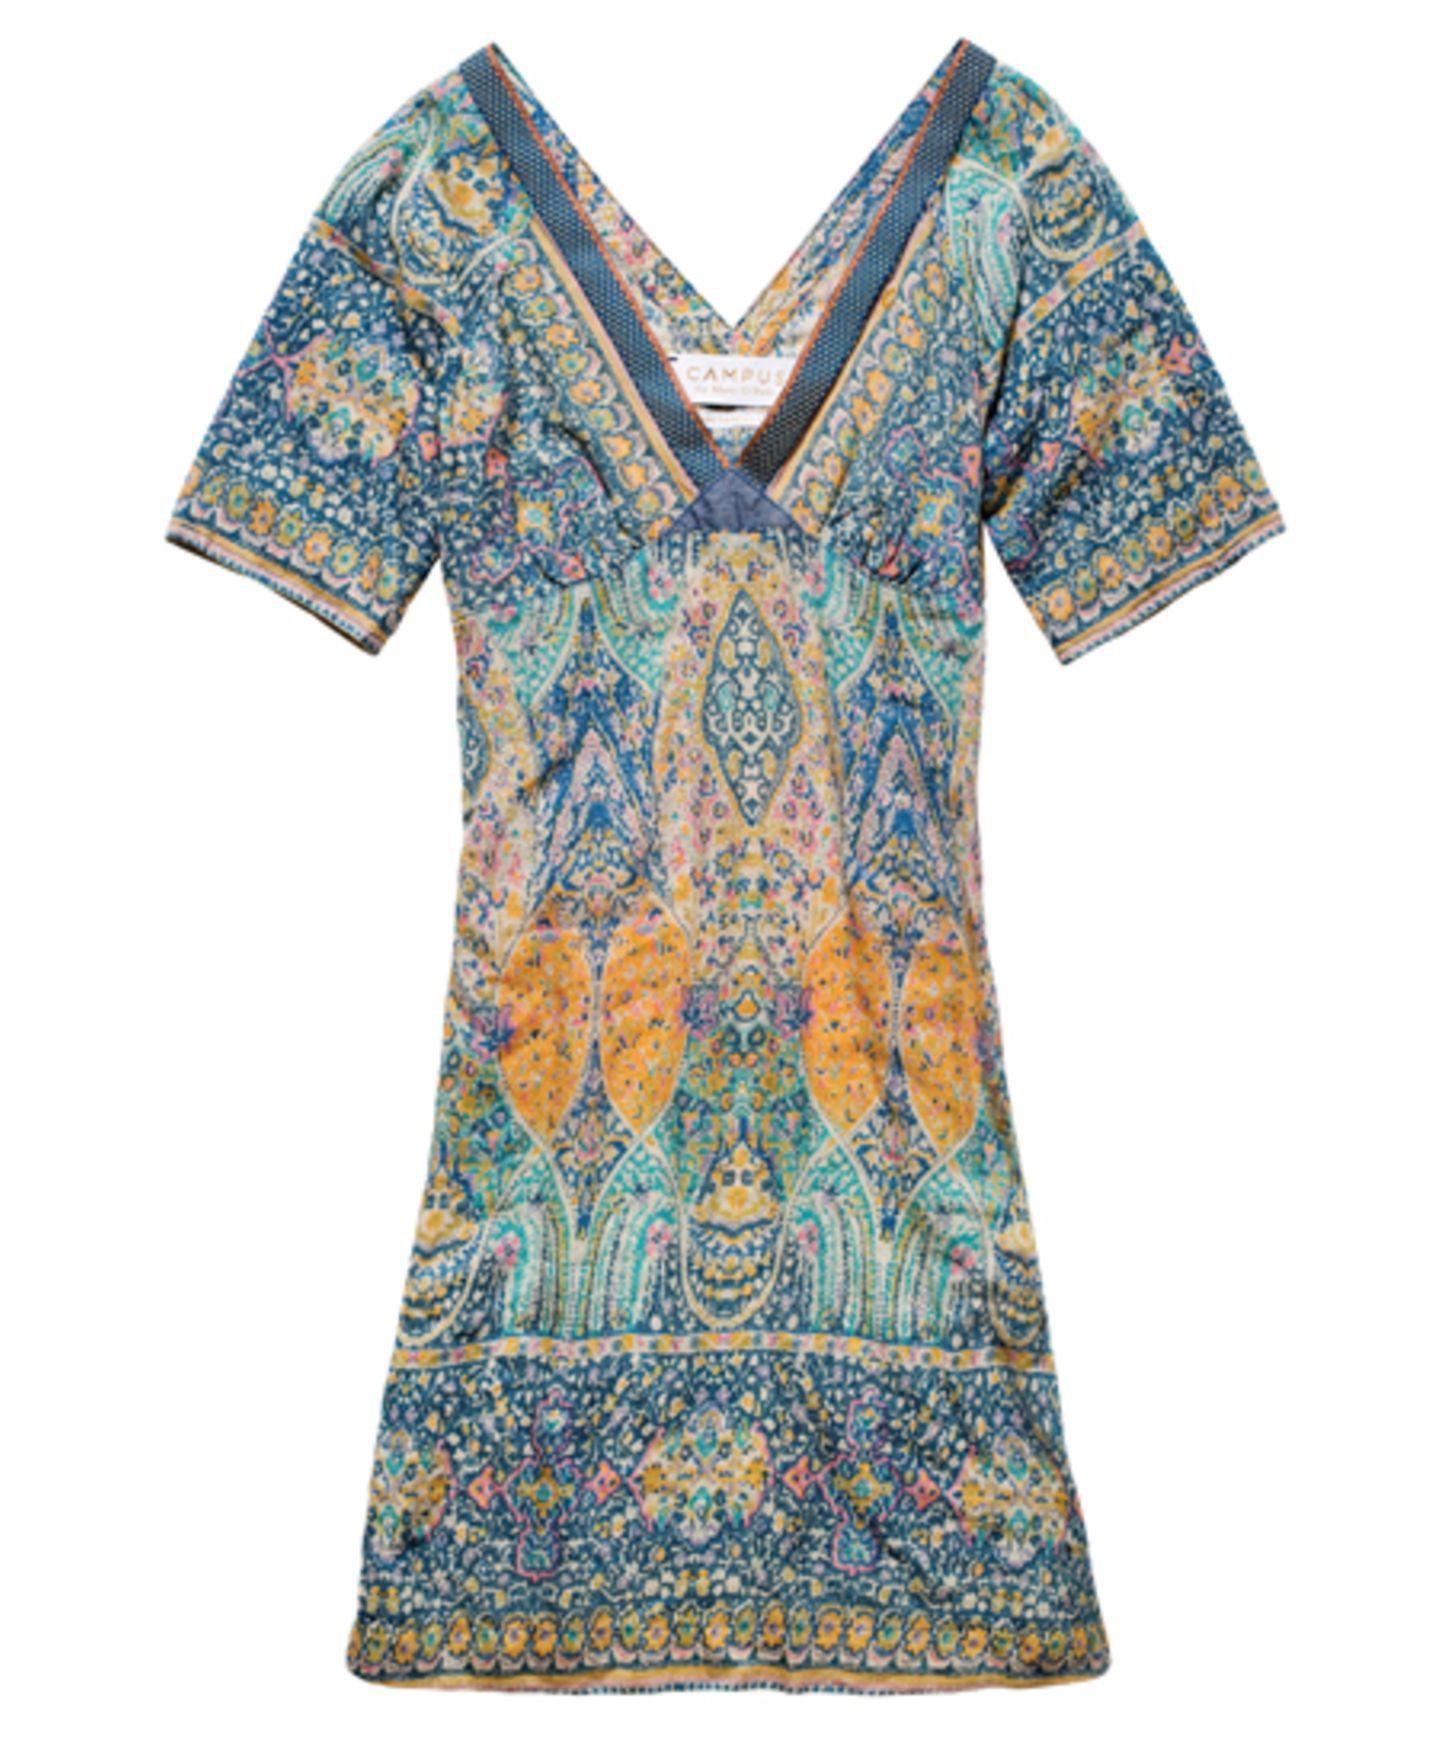 Kleingemustertes Mini-Kleid mit V-Ausschnitt und leicht ausgestelltem Arm von Campus by Marc O'Polo, um 130 Euro.